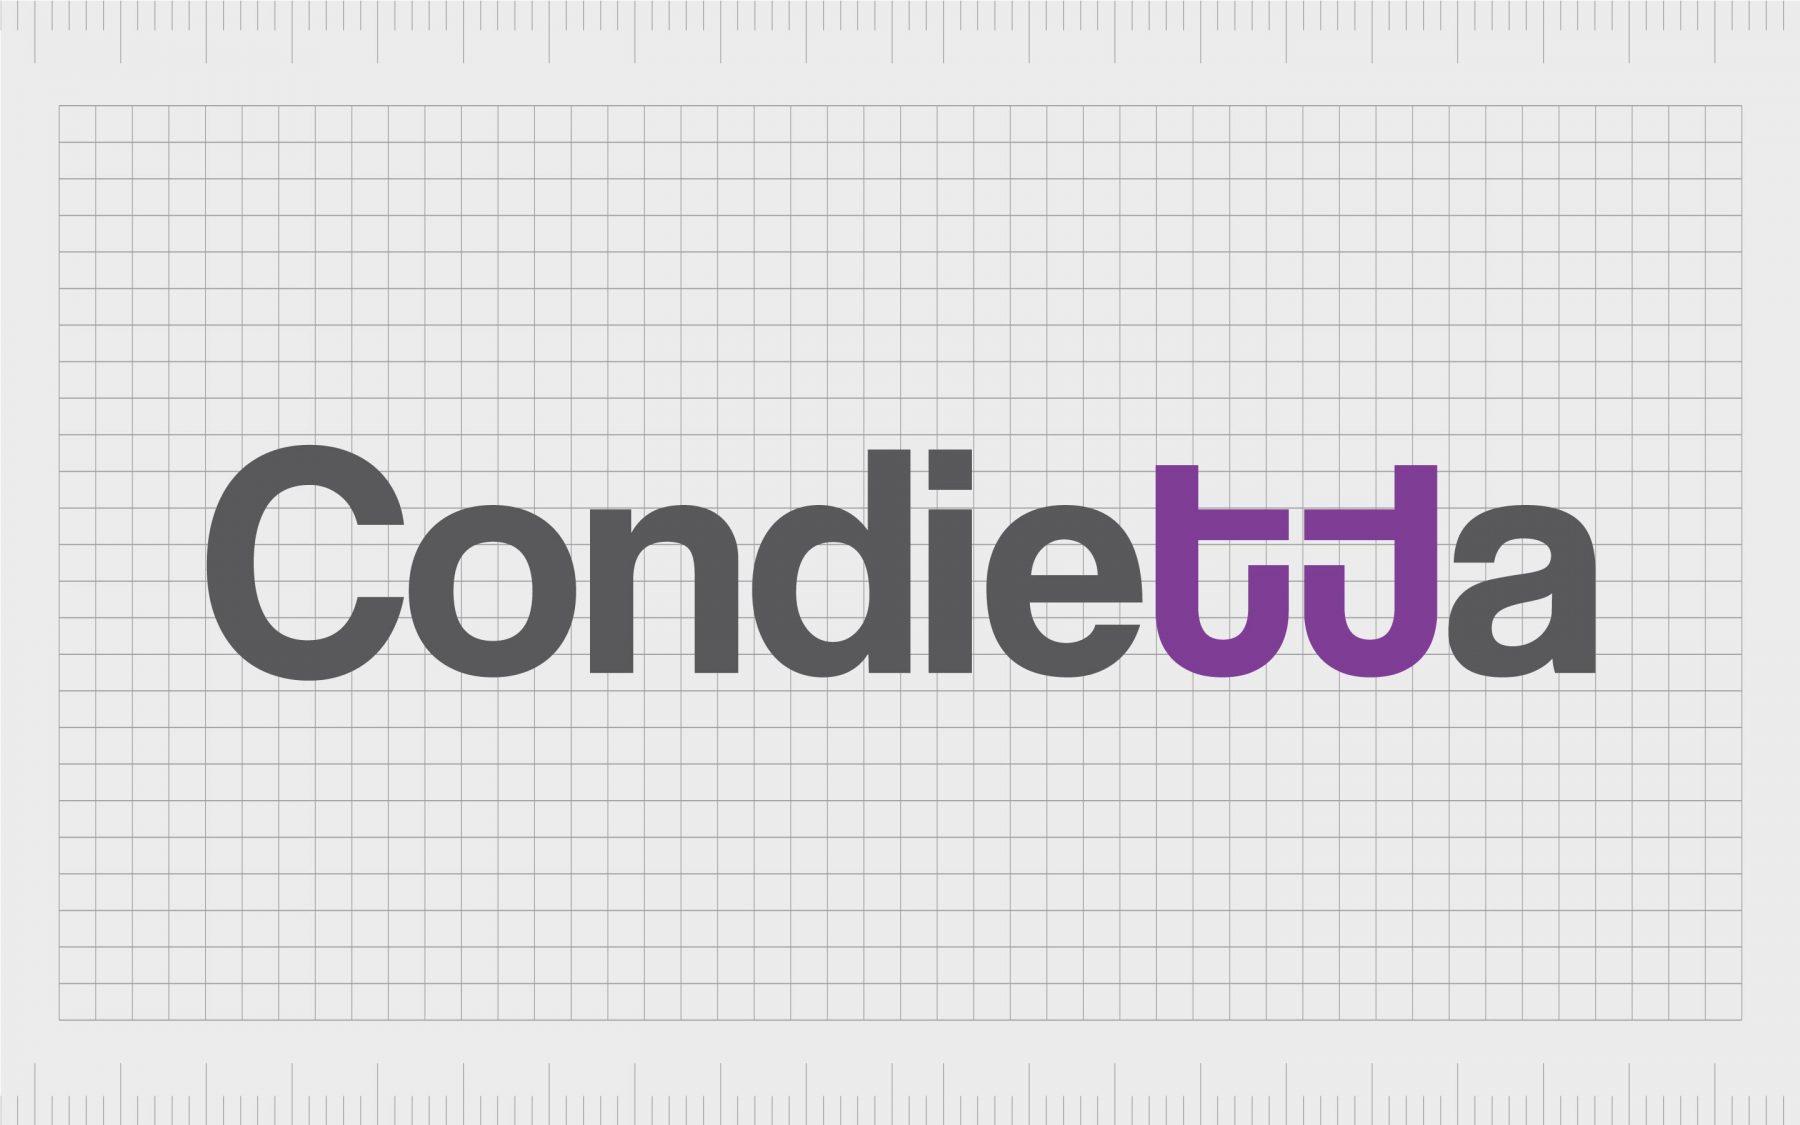 Condietta